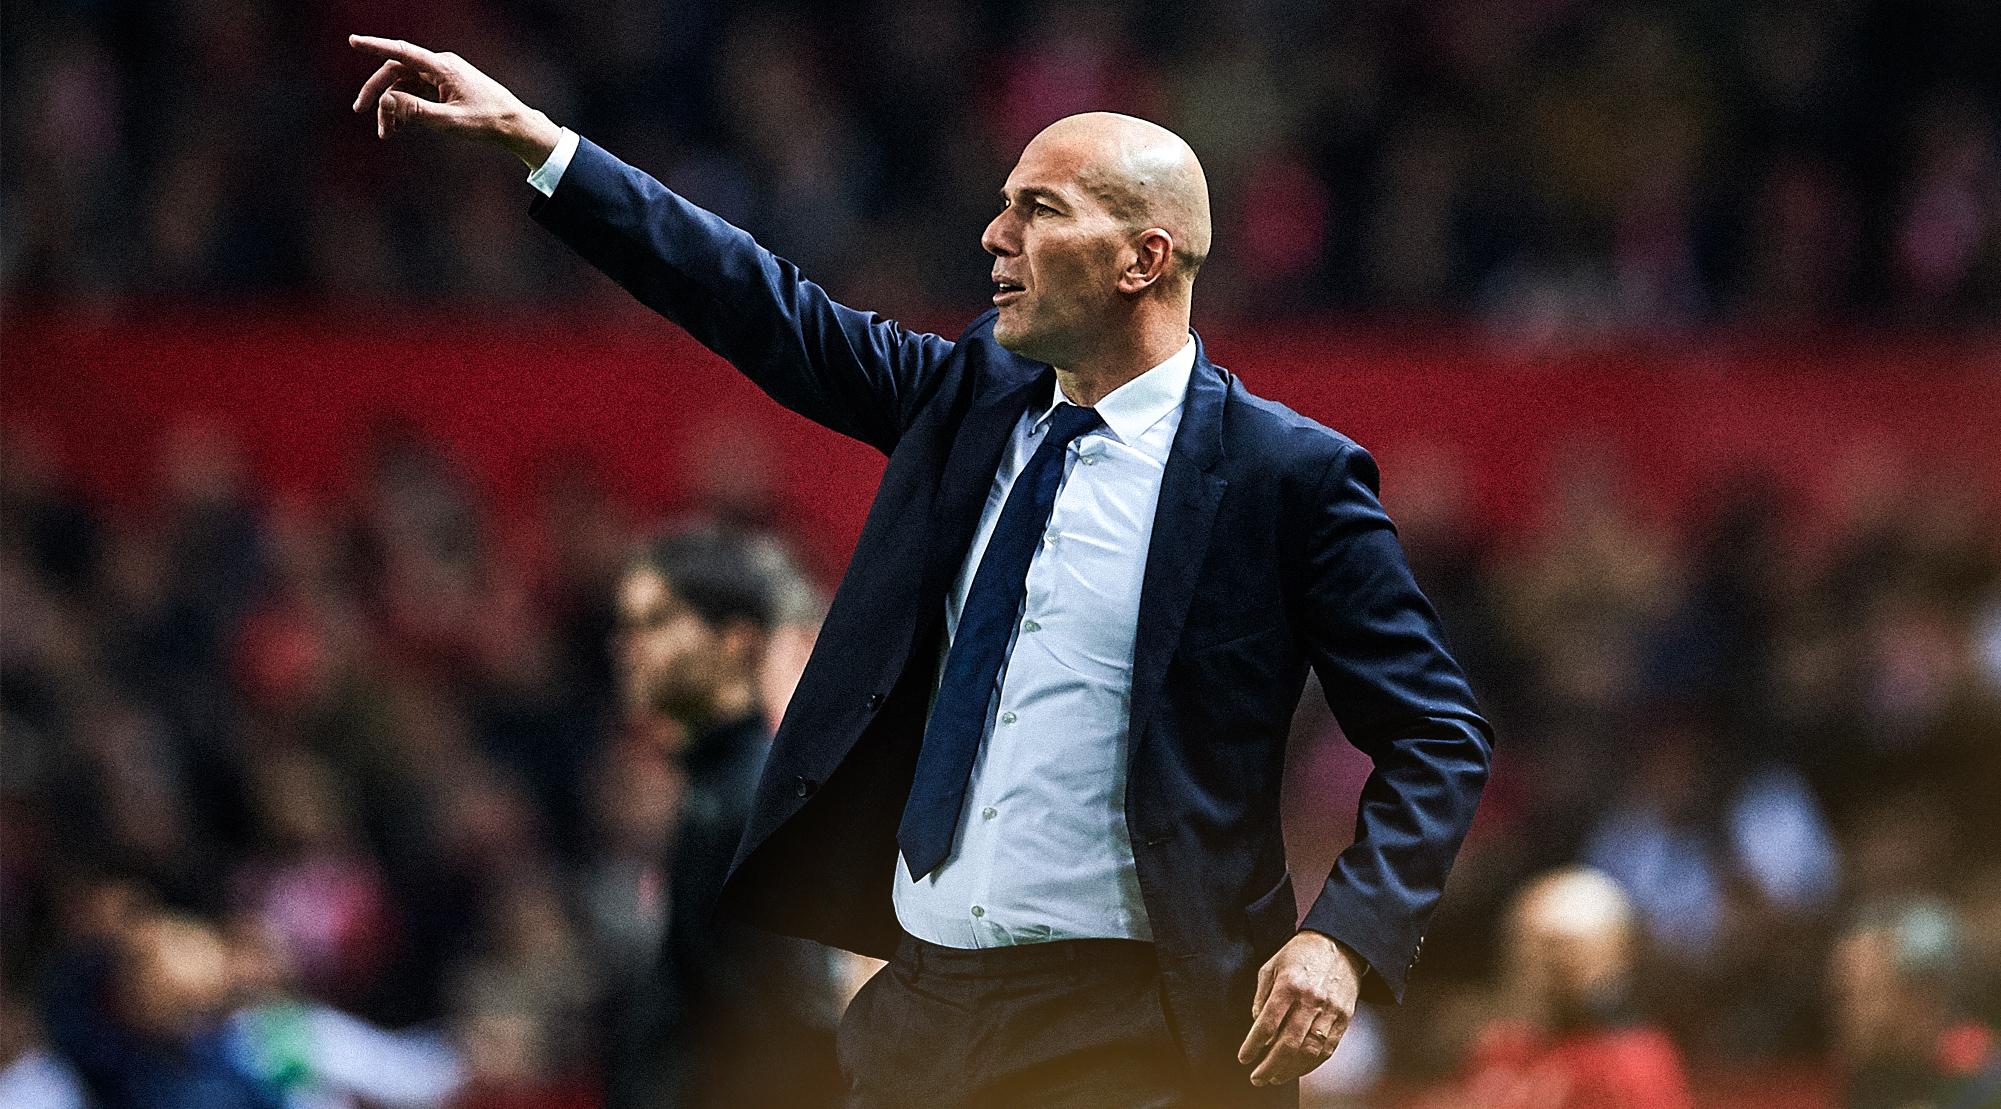 Trong tay Zinedine Zidane, quyền lực trở nên lung linh đến khó cưỡng - Ảnh 16.